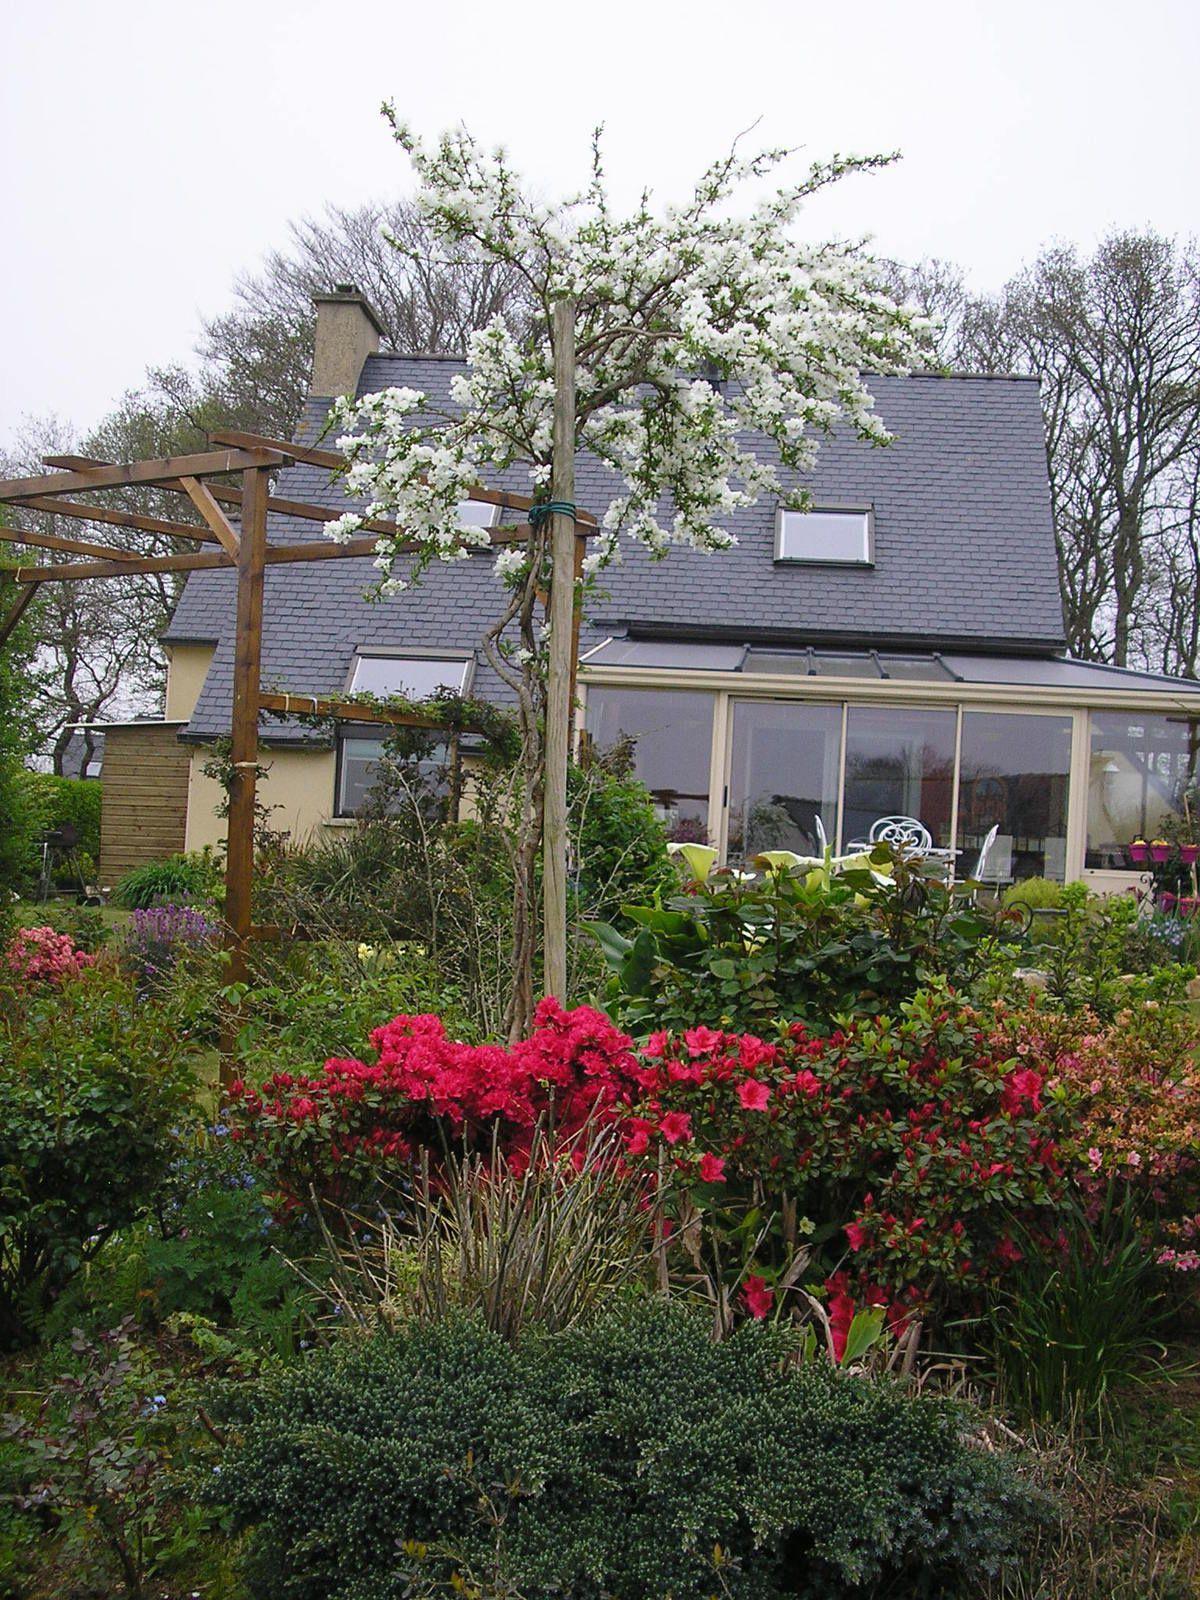 J'ai planté une bouture de mon viburnum plicatum il y a deux ans devant la maison. Maintenant, il y en a trois au jardin. Ils sont trop beaux au printemps et en automne (feuillage rouge)